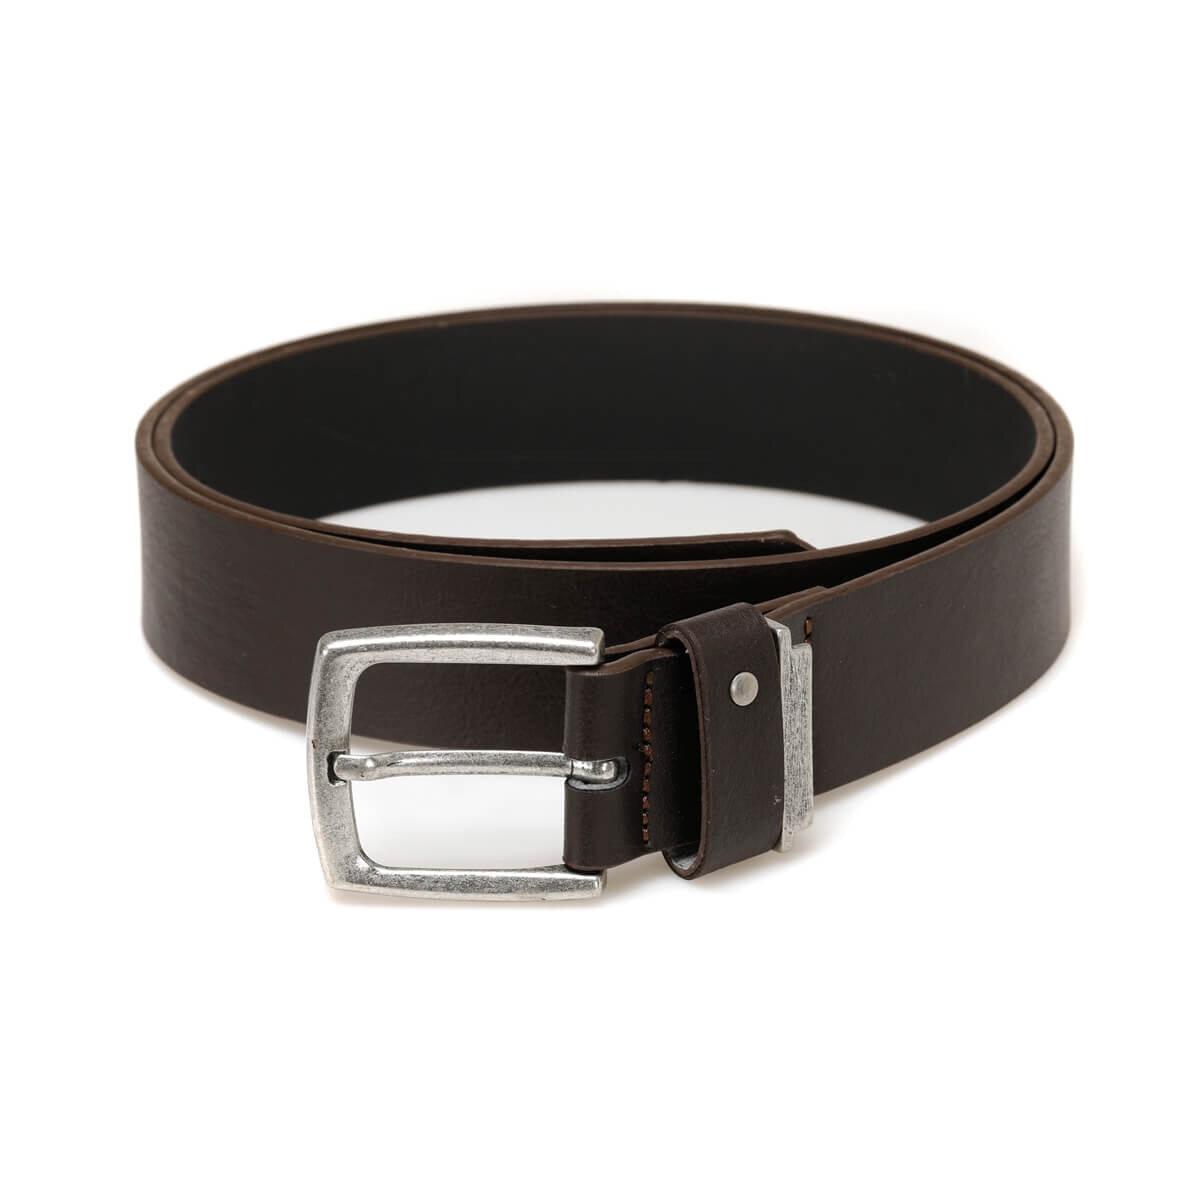 FLO Brown Men's Belt Leather Belt Oxide Belts For Men MKNYL3404